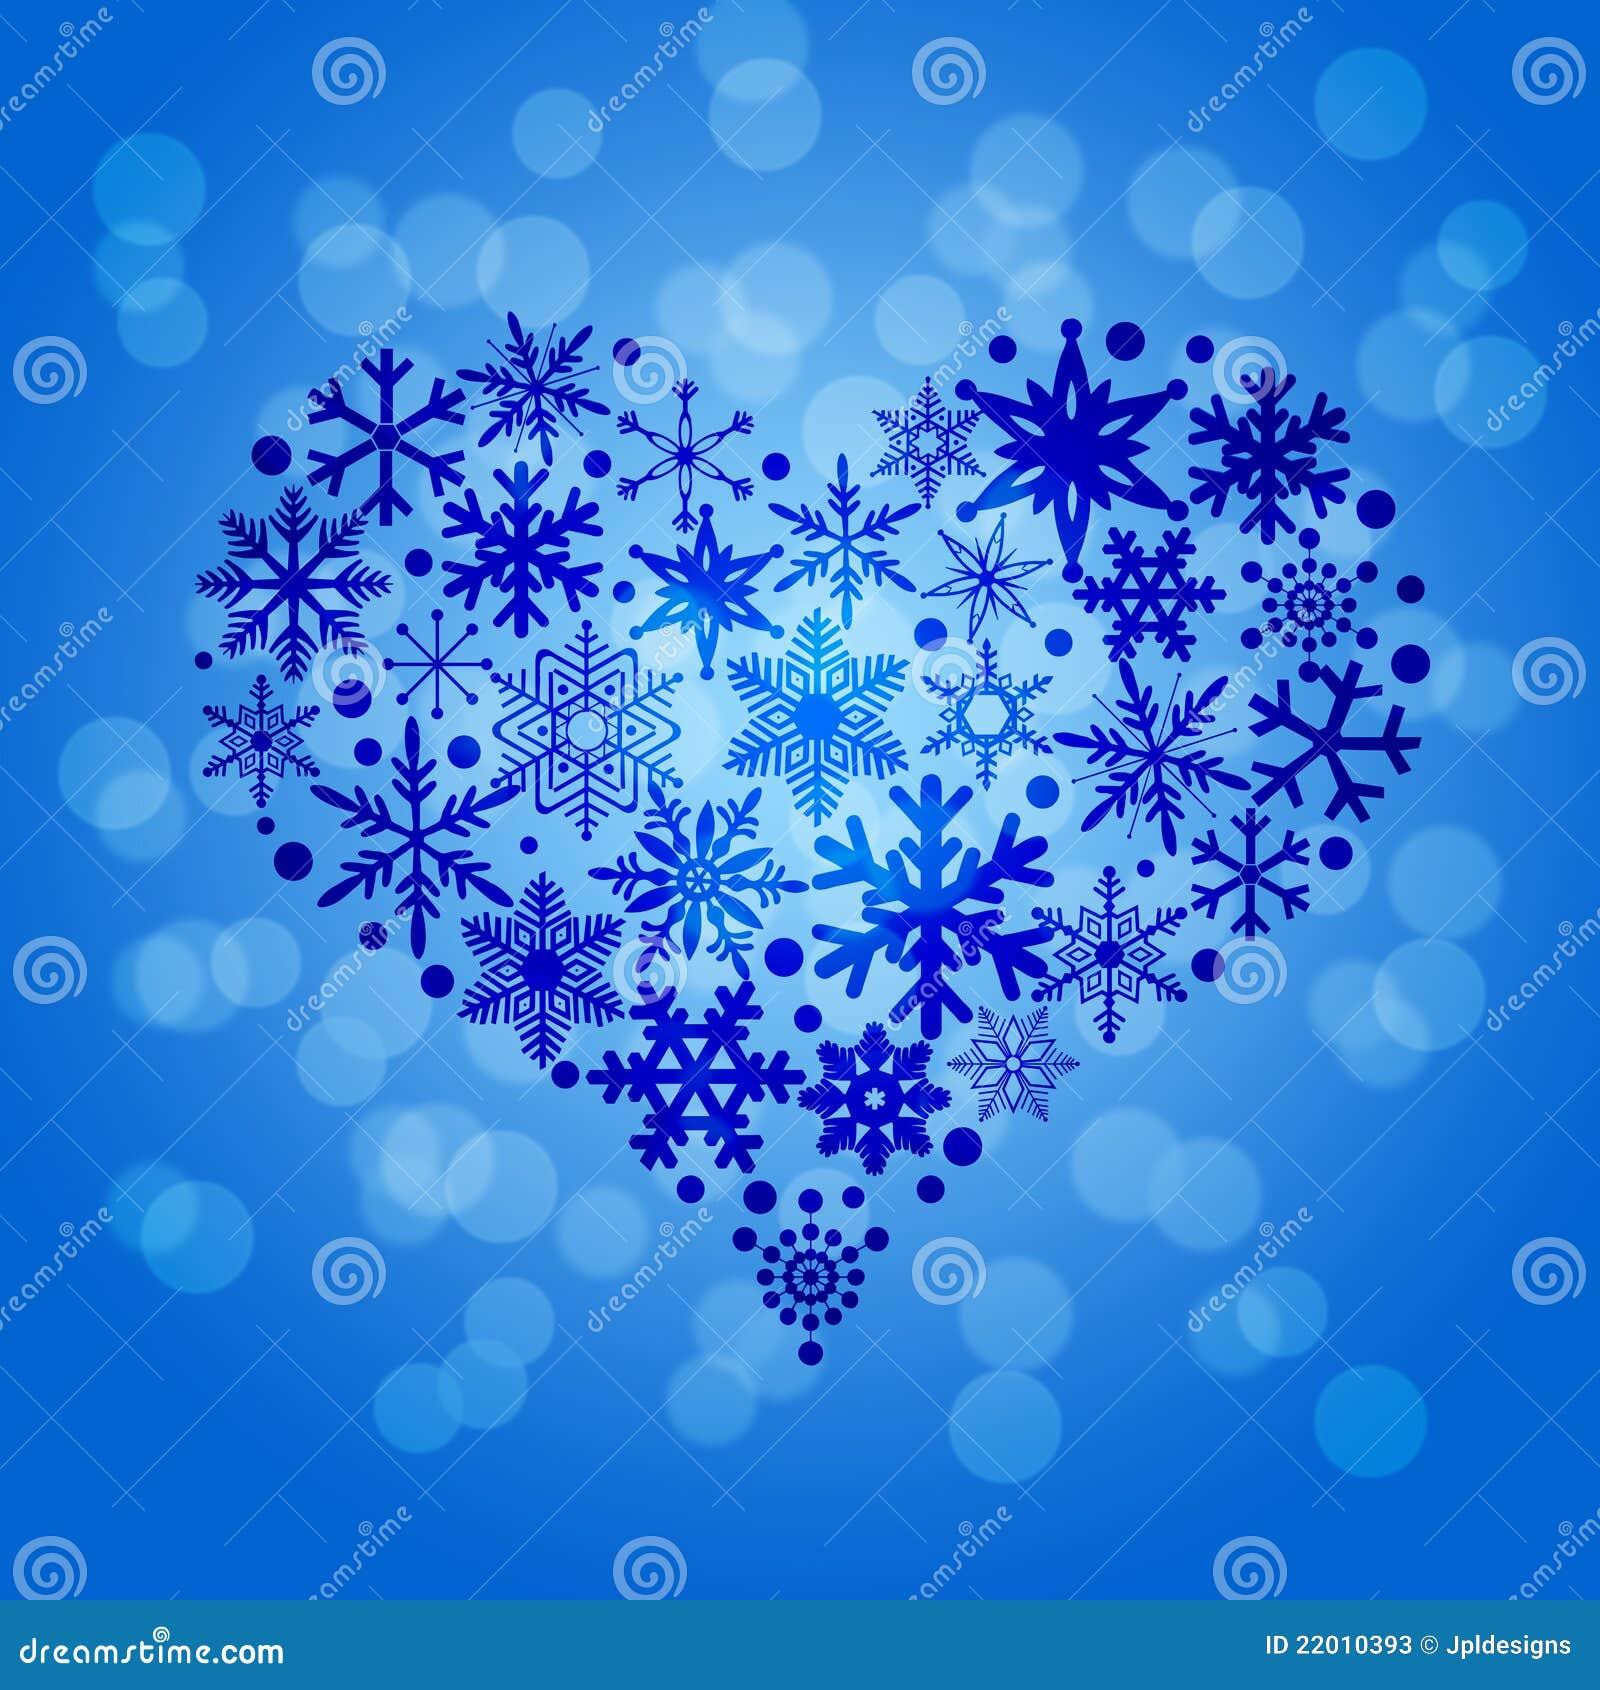 Fondo de Blurr de la dimensión de una variable del corazón de los copos de nieve de la Navidad